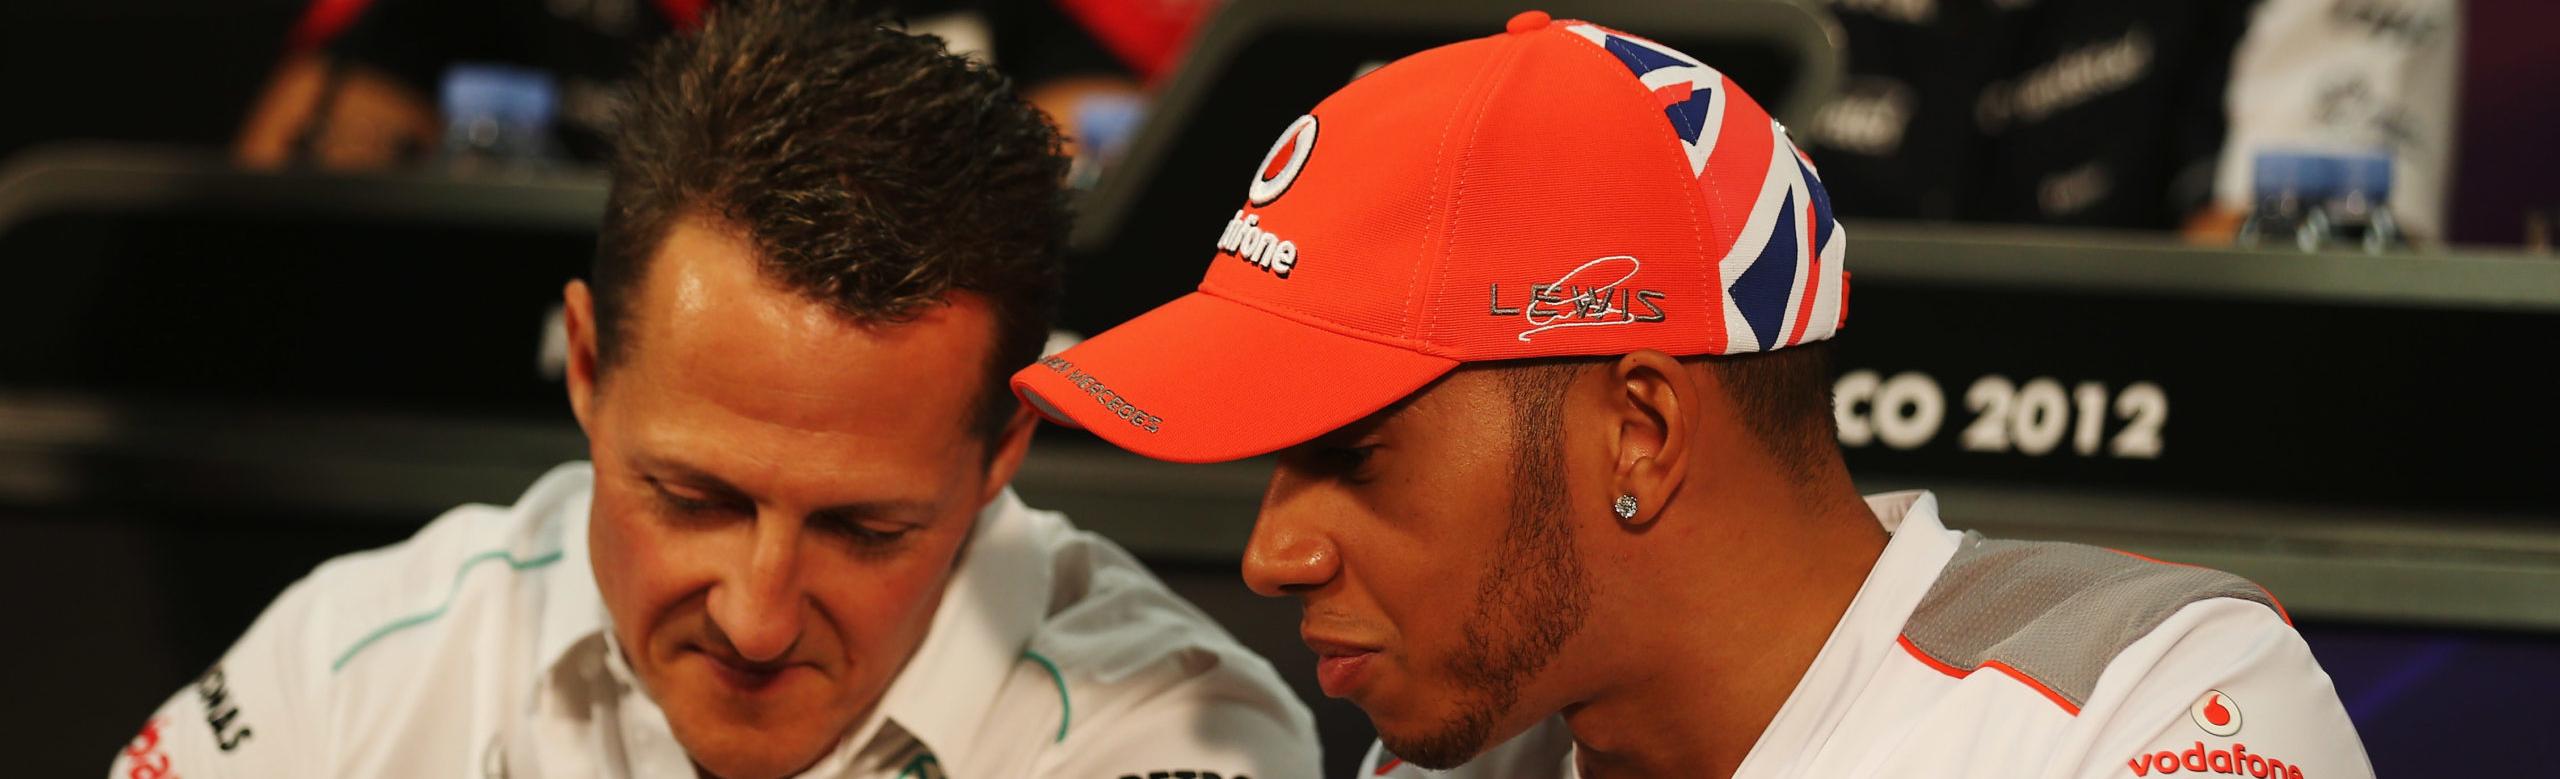 GP Turchia: Hamilton mette nel mirino il 7° titolo mondiale